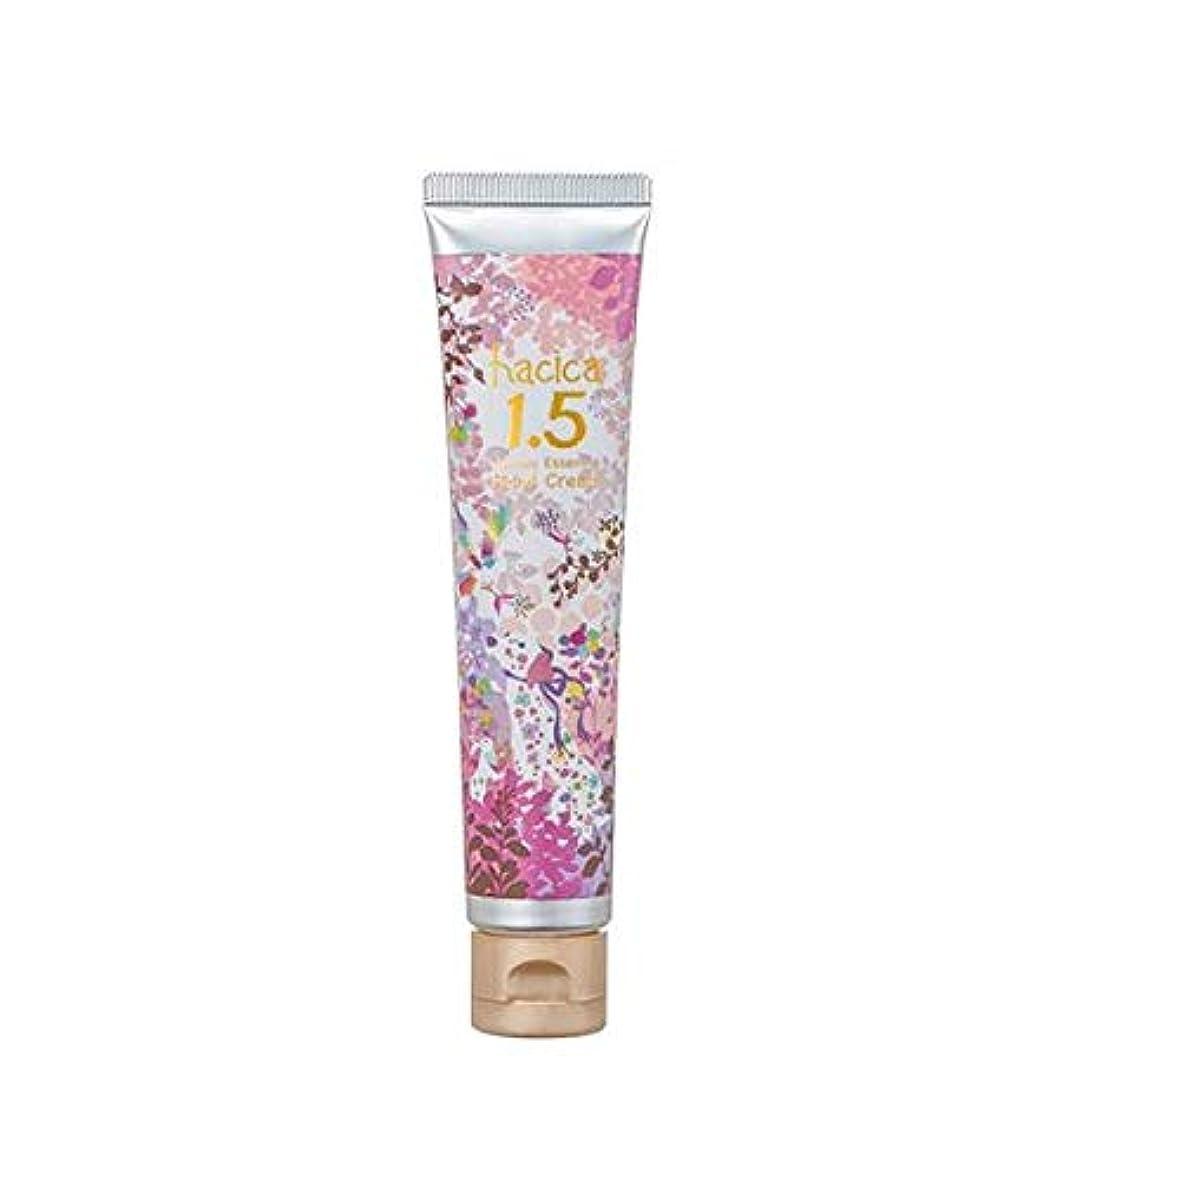 グリット蜜配列ハチカ ハニーエッセンス ハンドクリーム 1.5 フルーティハニーの香り 40g